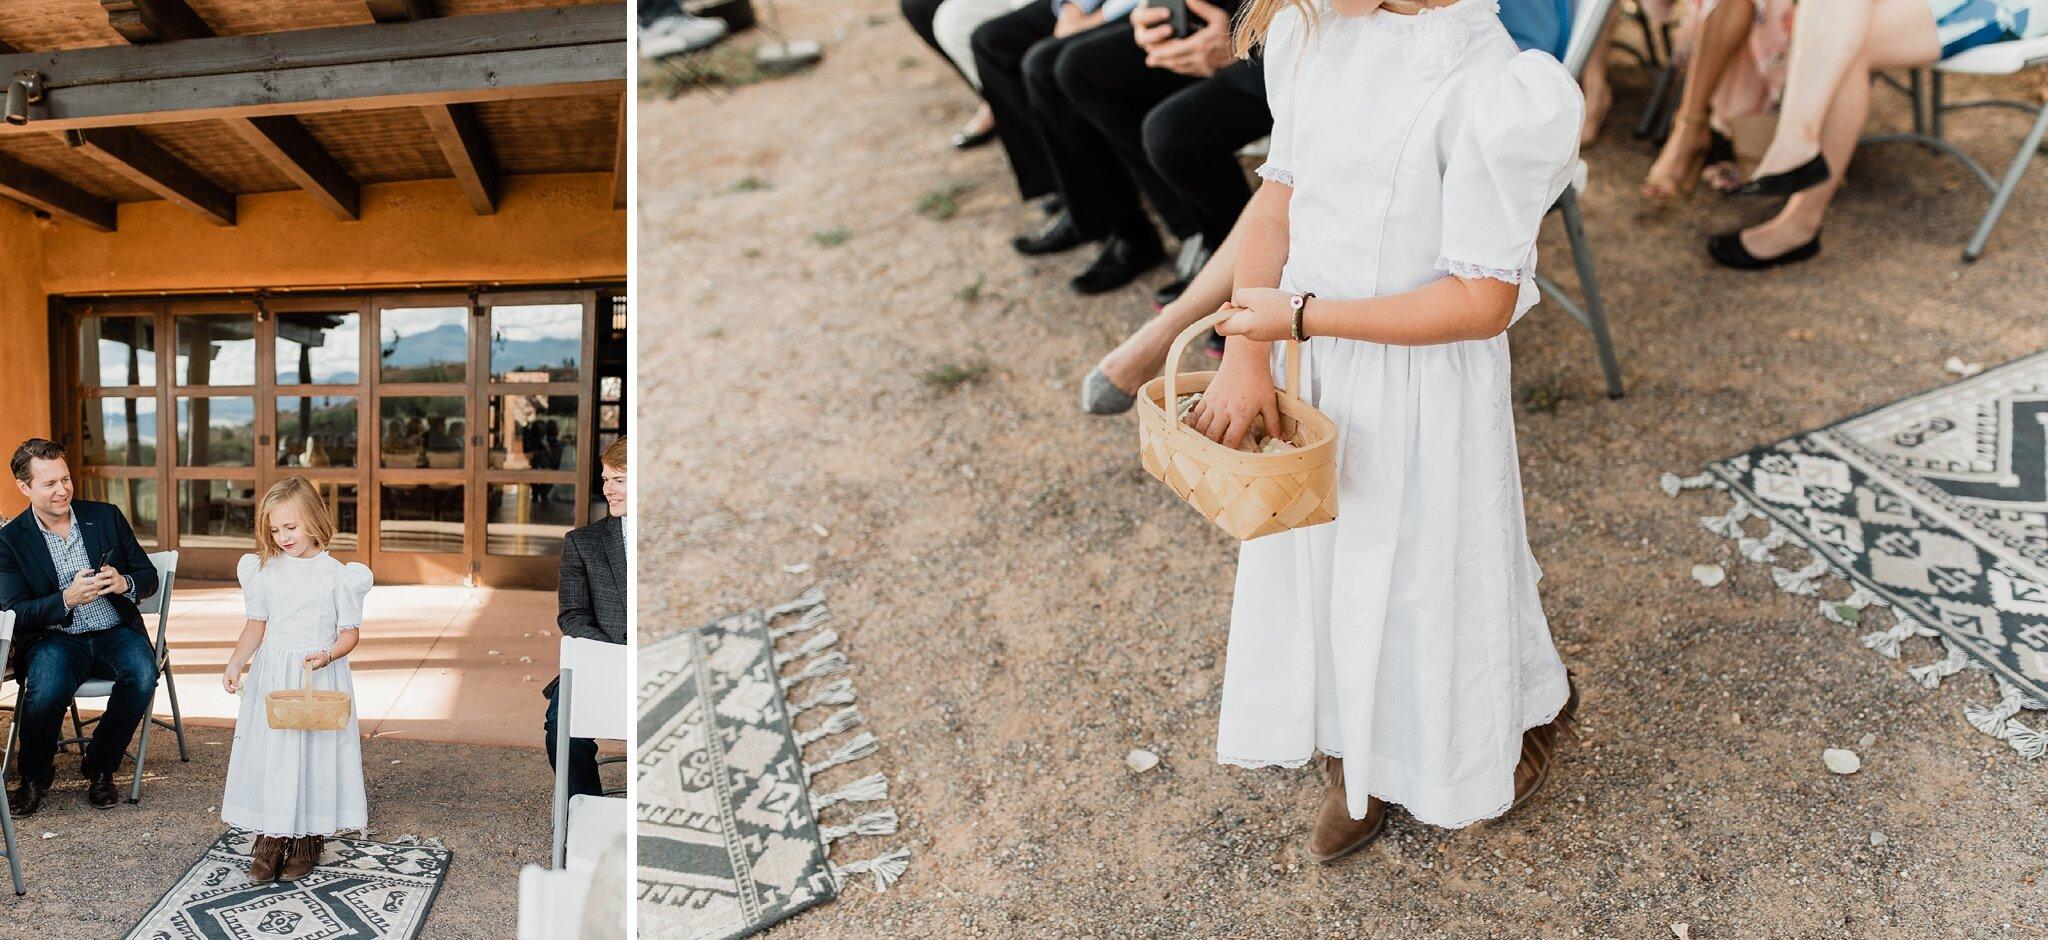 Alicia+lucia+photography+-+albuquerque+wedding+photographer+-+santa+fe+wedding+photography+-+new+mexico+wedding+photographer+-+new+mexico+wedding+-+wedding+-+santa+fe+wedding+-+ghost+ranch+-+ghost+ranch+wedding+-+fall+wedding_0028.jpg